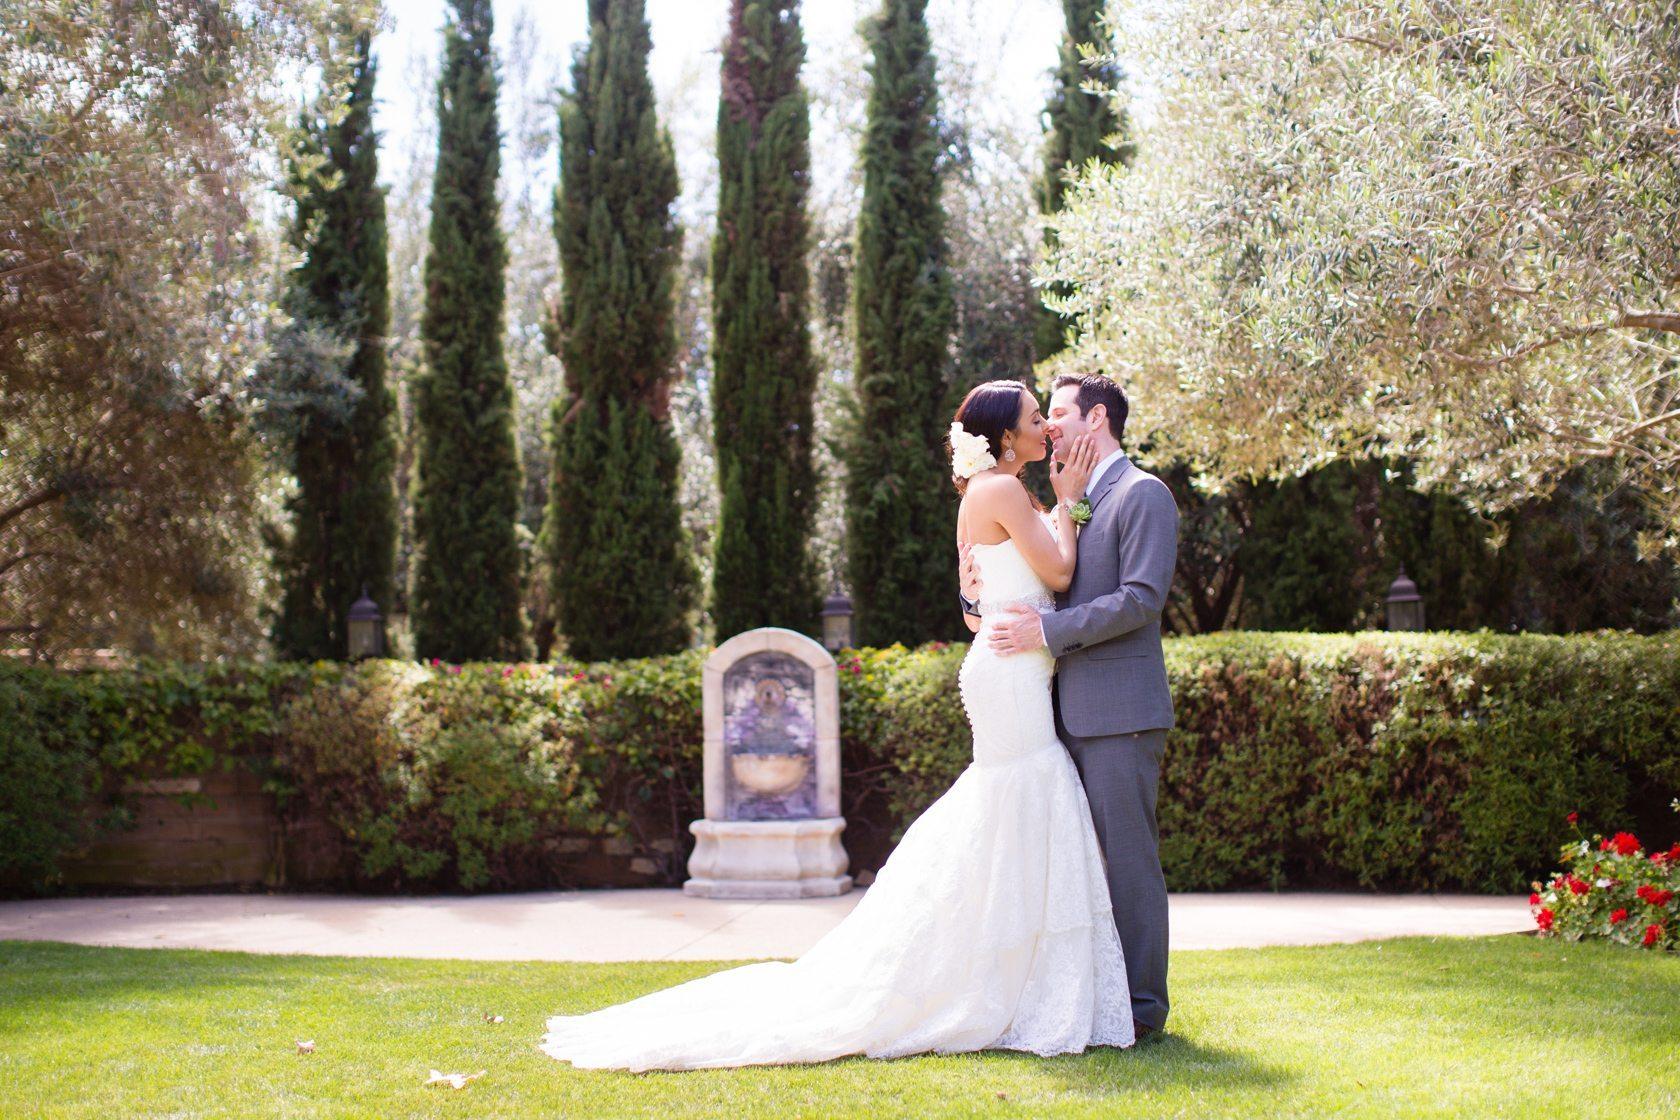 Romantic_Estancia_La_Jolla_Wedding_022.jpg